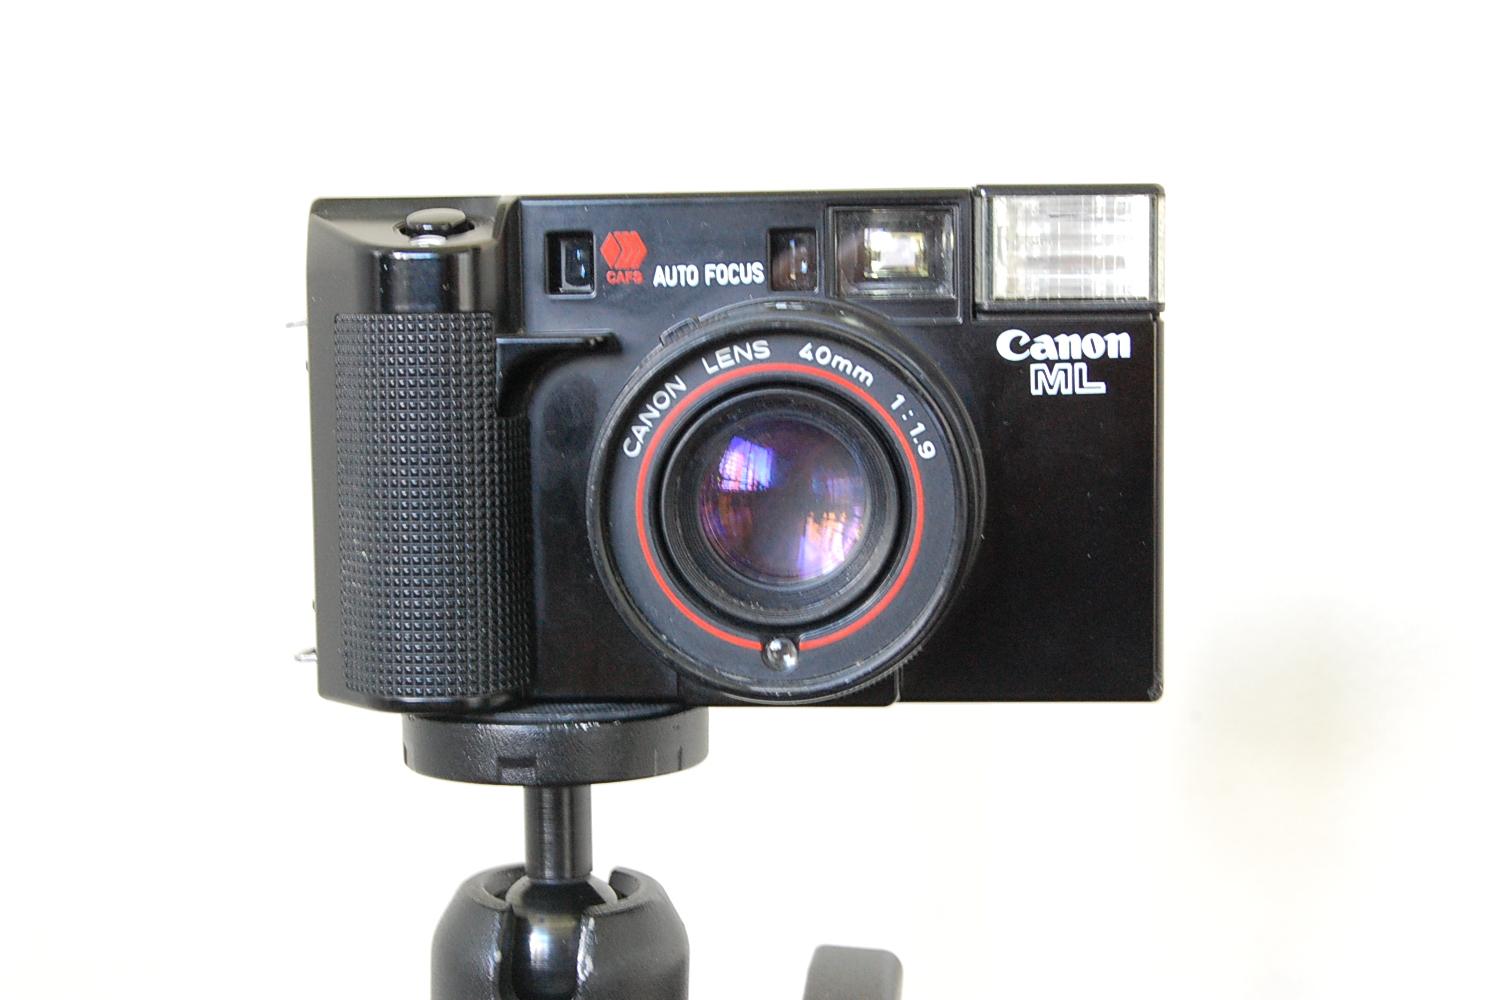 Foto & Camcorder Minolta Auto Focus Kamera Elegant Im Stil